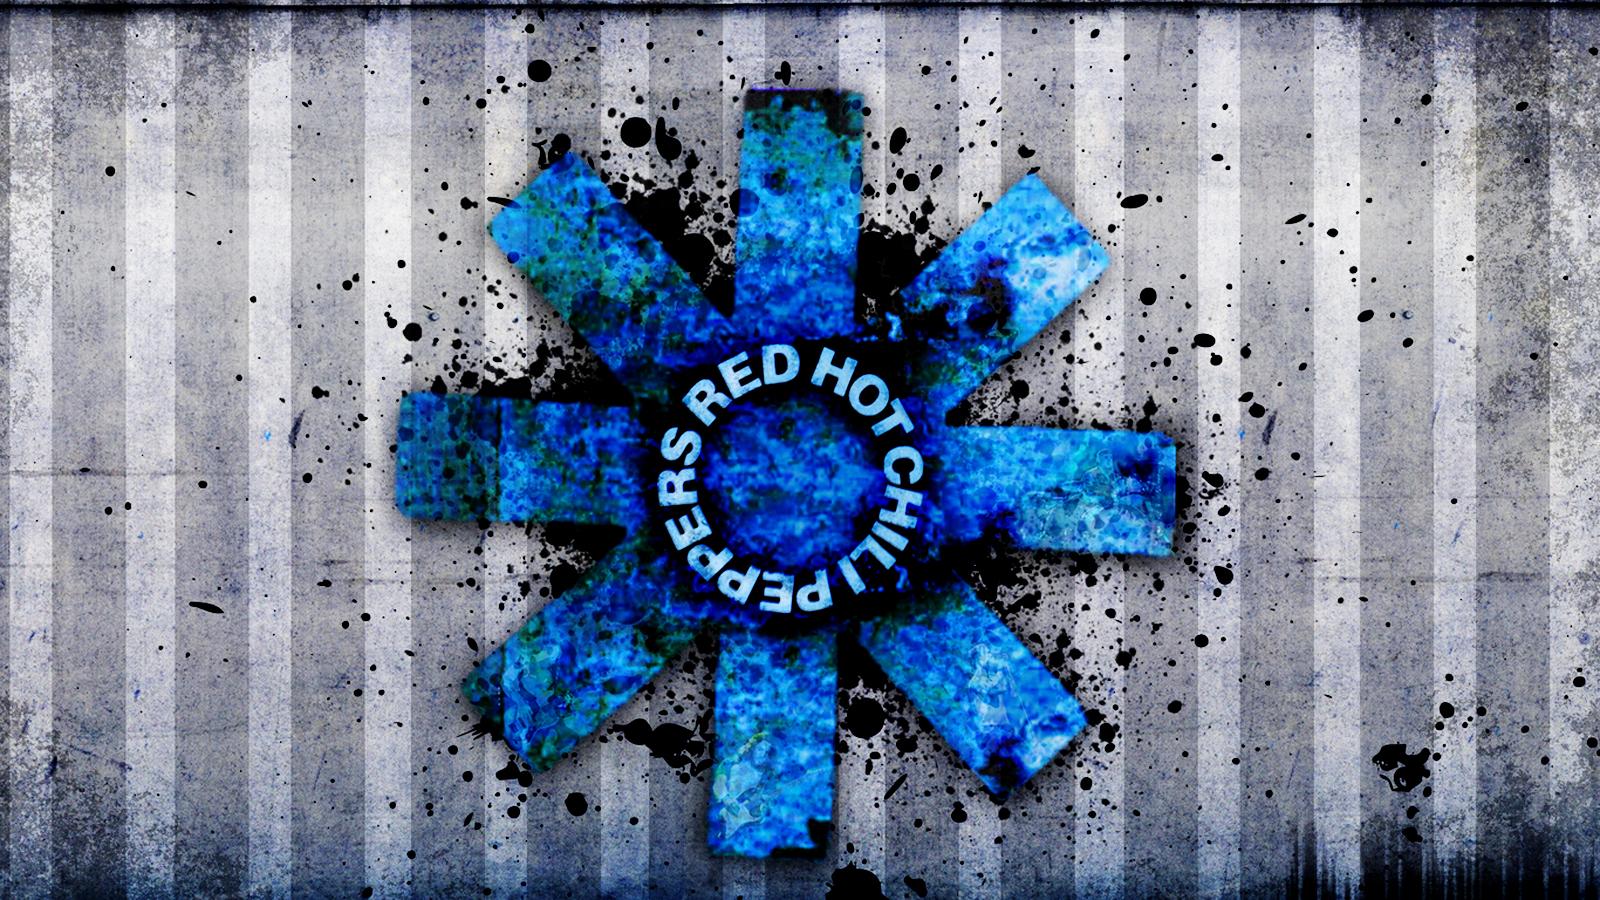 http://2.bp.blogspot.com/-Vmc26trmHCc/UP9CvMvZMGI/AAAAAAAAFUk/GPSKtUjr_8k/s1600/Red_a_Chili_Peppers_Logo_Design_HD_Wallpaper-Vvallpaper.Net.jpg